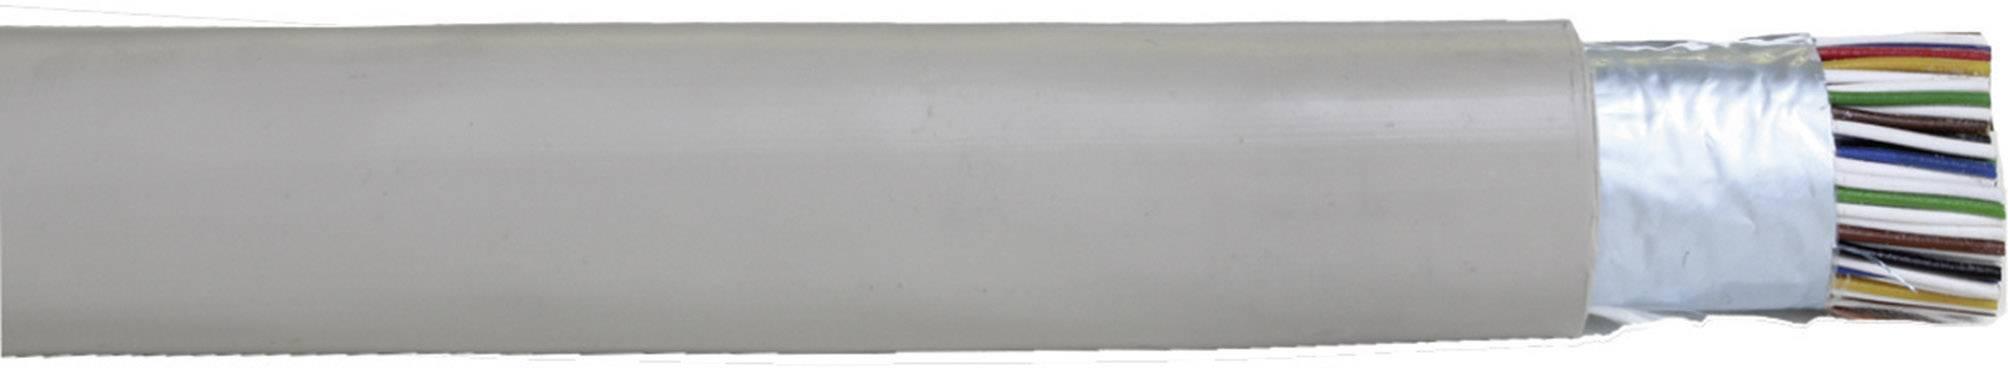 Telefónny kábel J-Y(ST)Y Faber Kabel 100004, 2 x 2 x 0.80 mm, sivá, metrový tovar